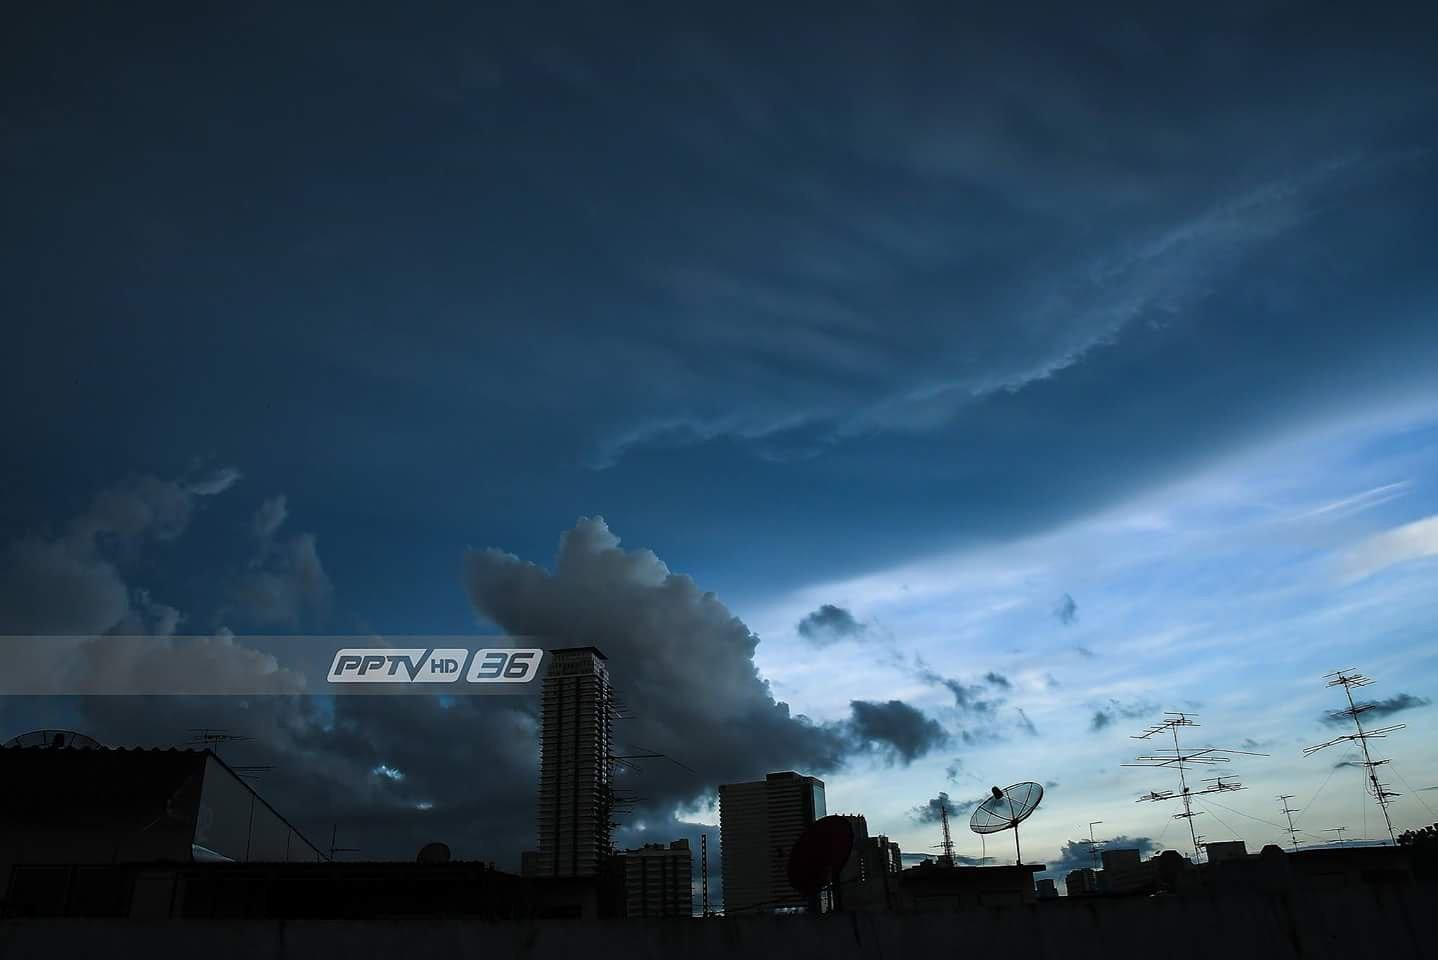 รมว. เกษตรฯ แจงข่าวดี ฝนตกเพิ่ม สองเขื่อนใหญ่น้ำเพิ่มวันละ 40 ล้าน ลบ.ม.